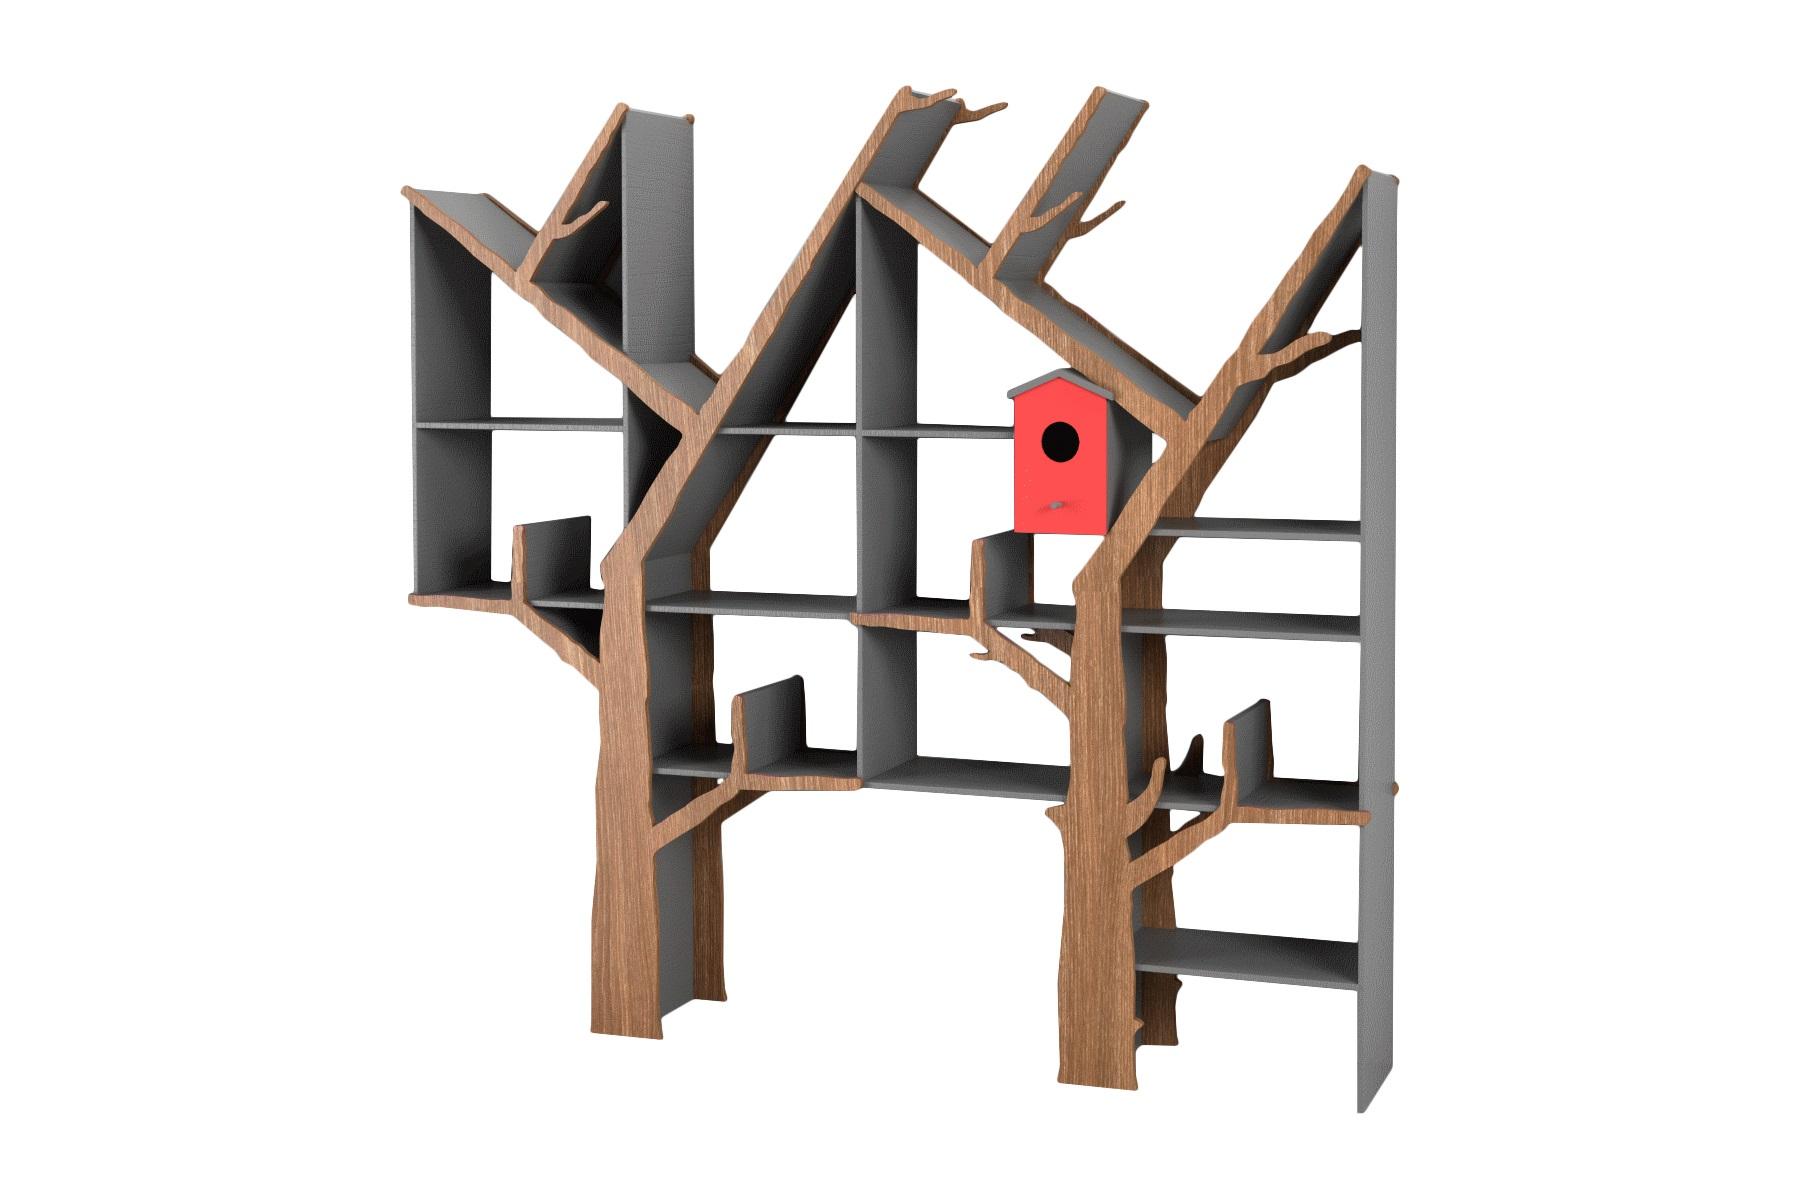 Стеллаж Дерево двойноеСтеллажи и этажерки<br>&amp;lt;div&amp;gt;Креативный двойной стеллаж очень функционален и отлично подойдет для детской или прихожей!&amp;amp;nbsp;&amp;lt;/div&amp;gt;&amp;lt;div&amp;gt;&amp;lt;br&amp;gt;&amp;lt;/div&amp;gt;&amp;lt;div&amp;gt;Материал: МДФ, шпон&amp;amp;nbsp;&amp;lt;/div&amp;gt;<br><br>Material: МДФ<br>Ширина см: 151.0<br>Высота см: 150.0<br>Глубина см: 24.0